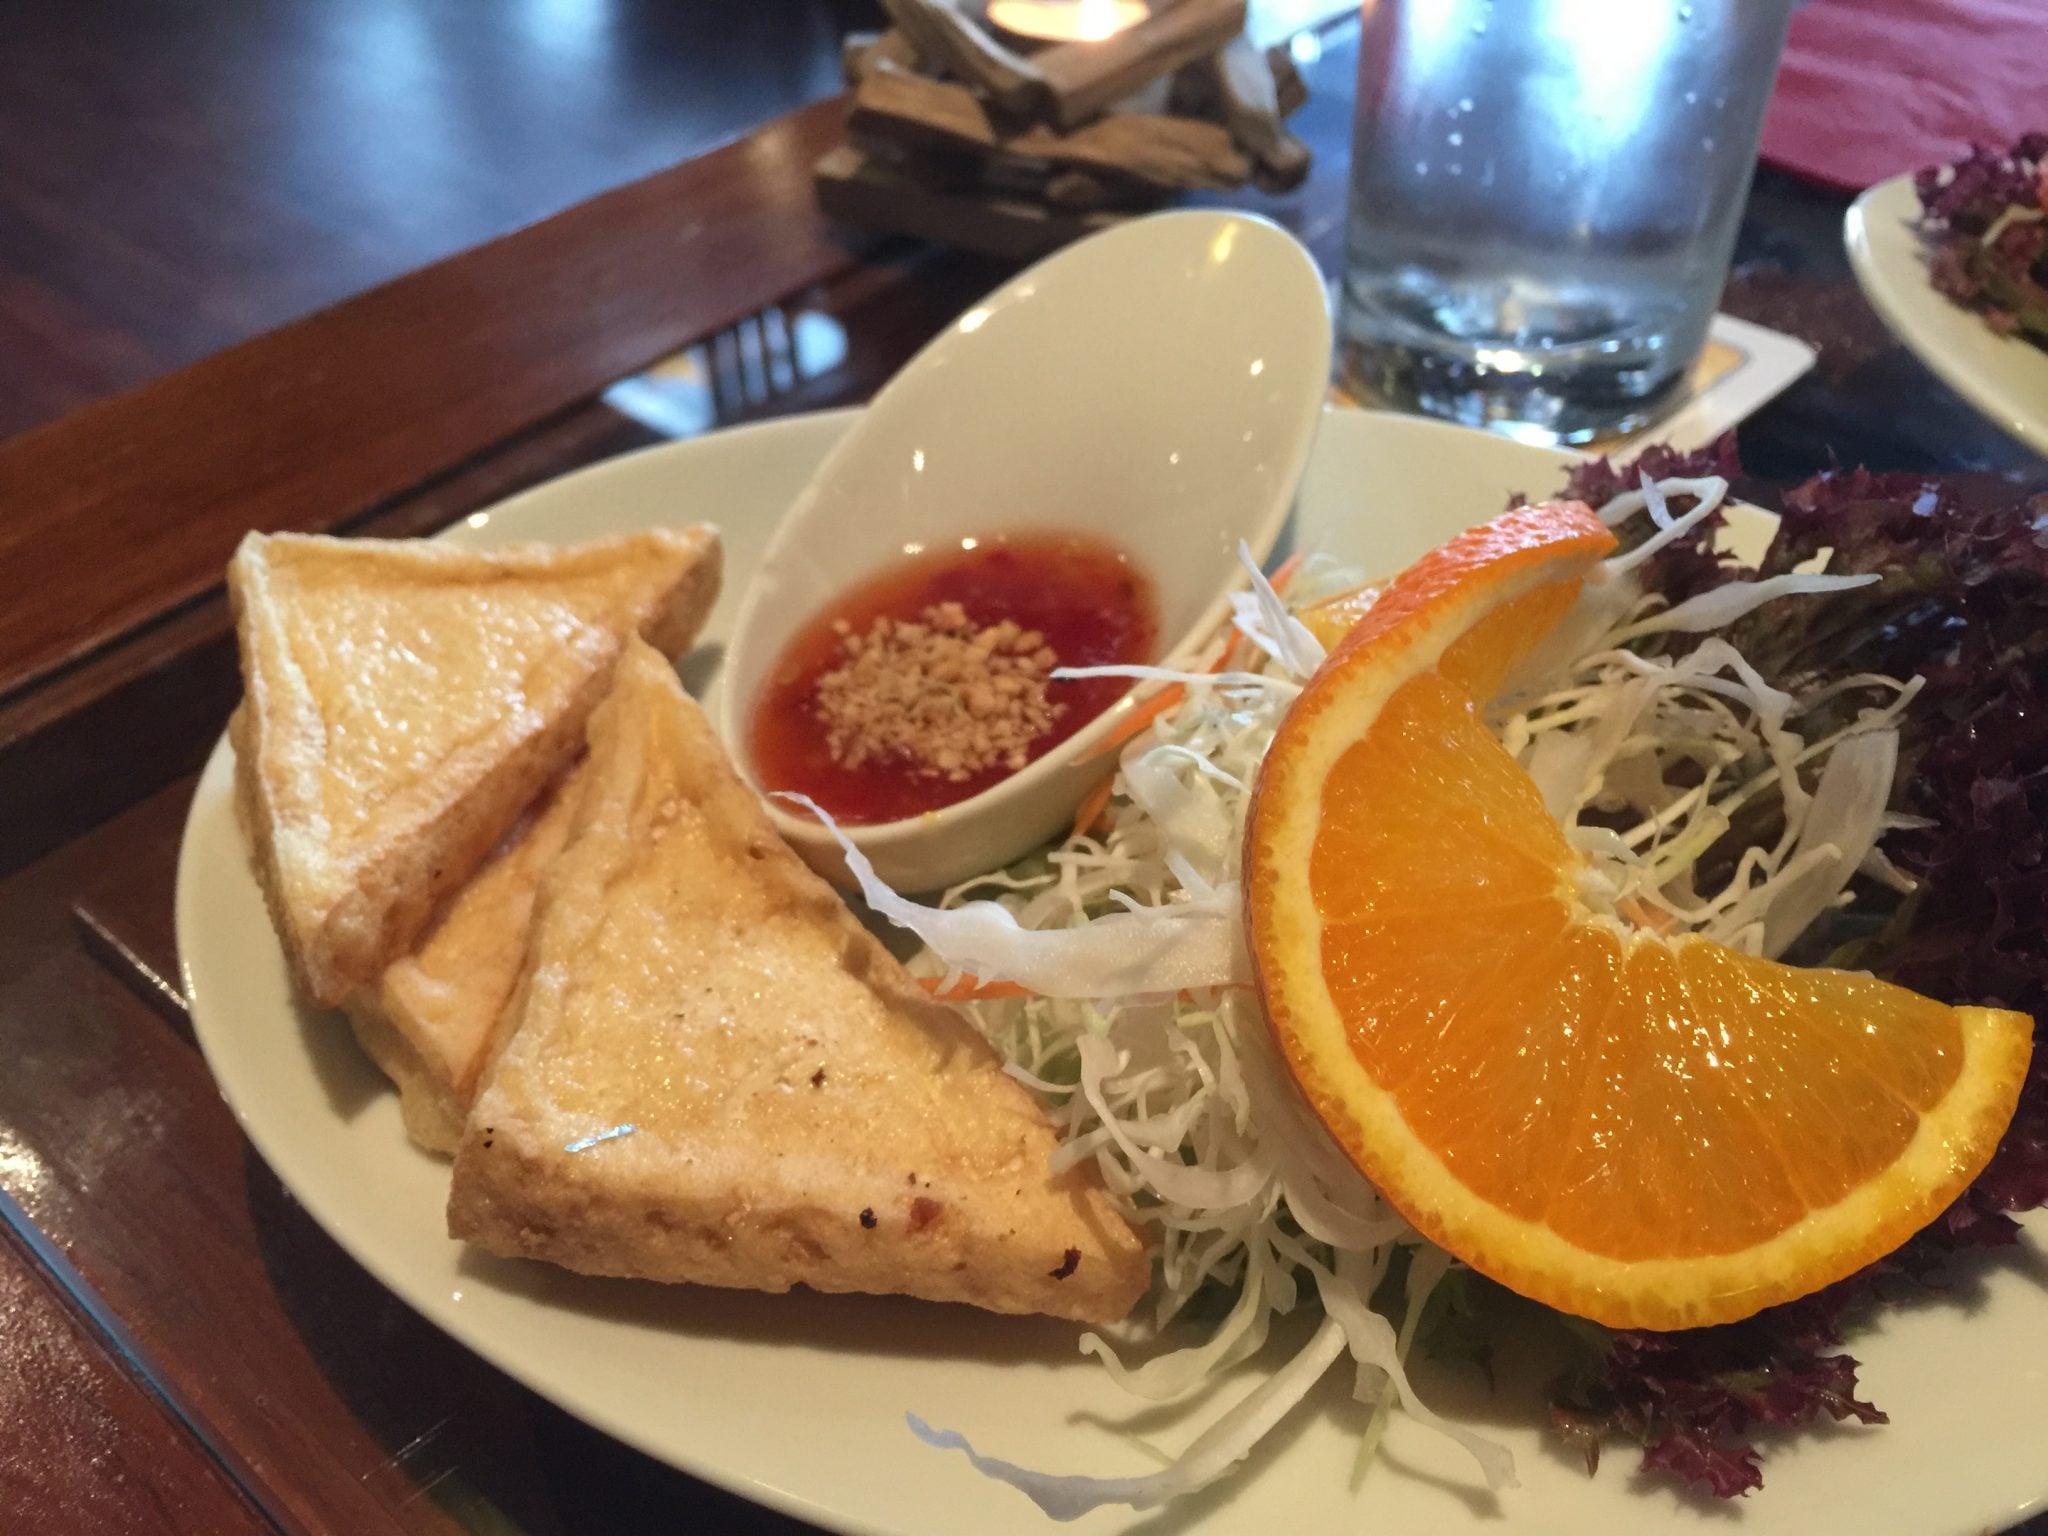 asia küche fürth | jtleigh - hausgestaltung ideen